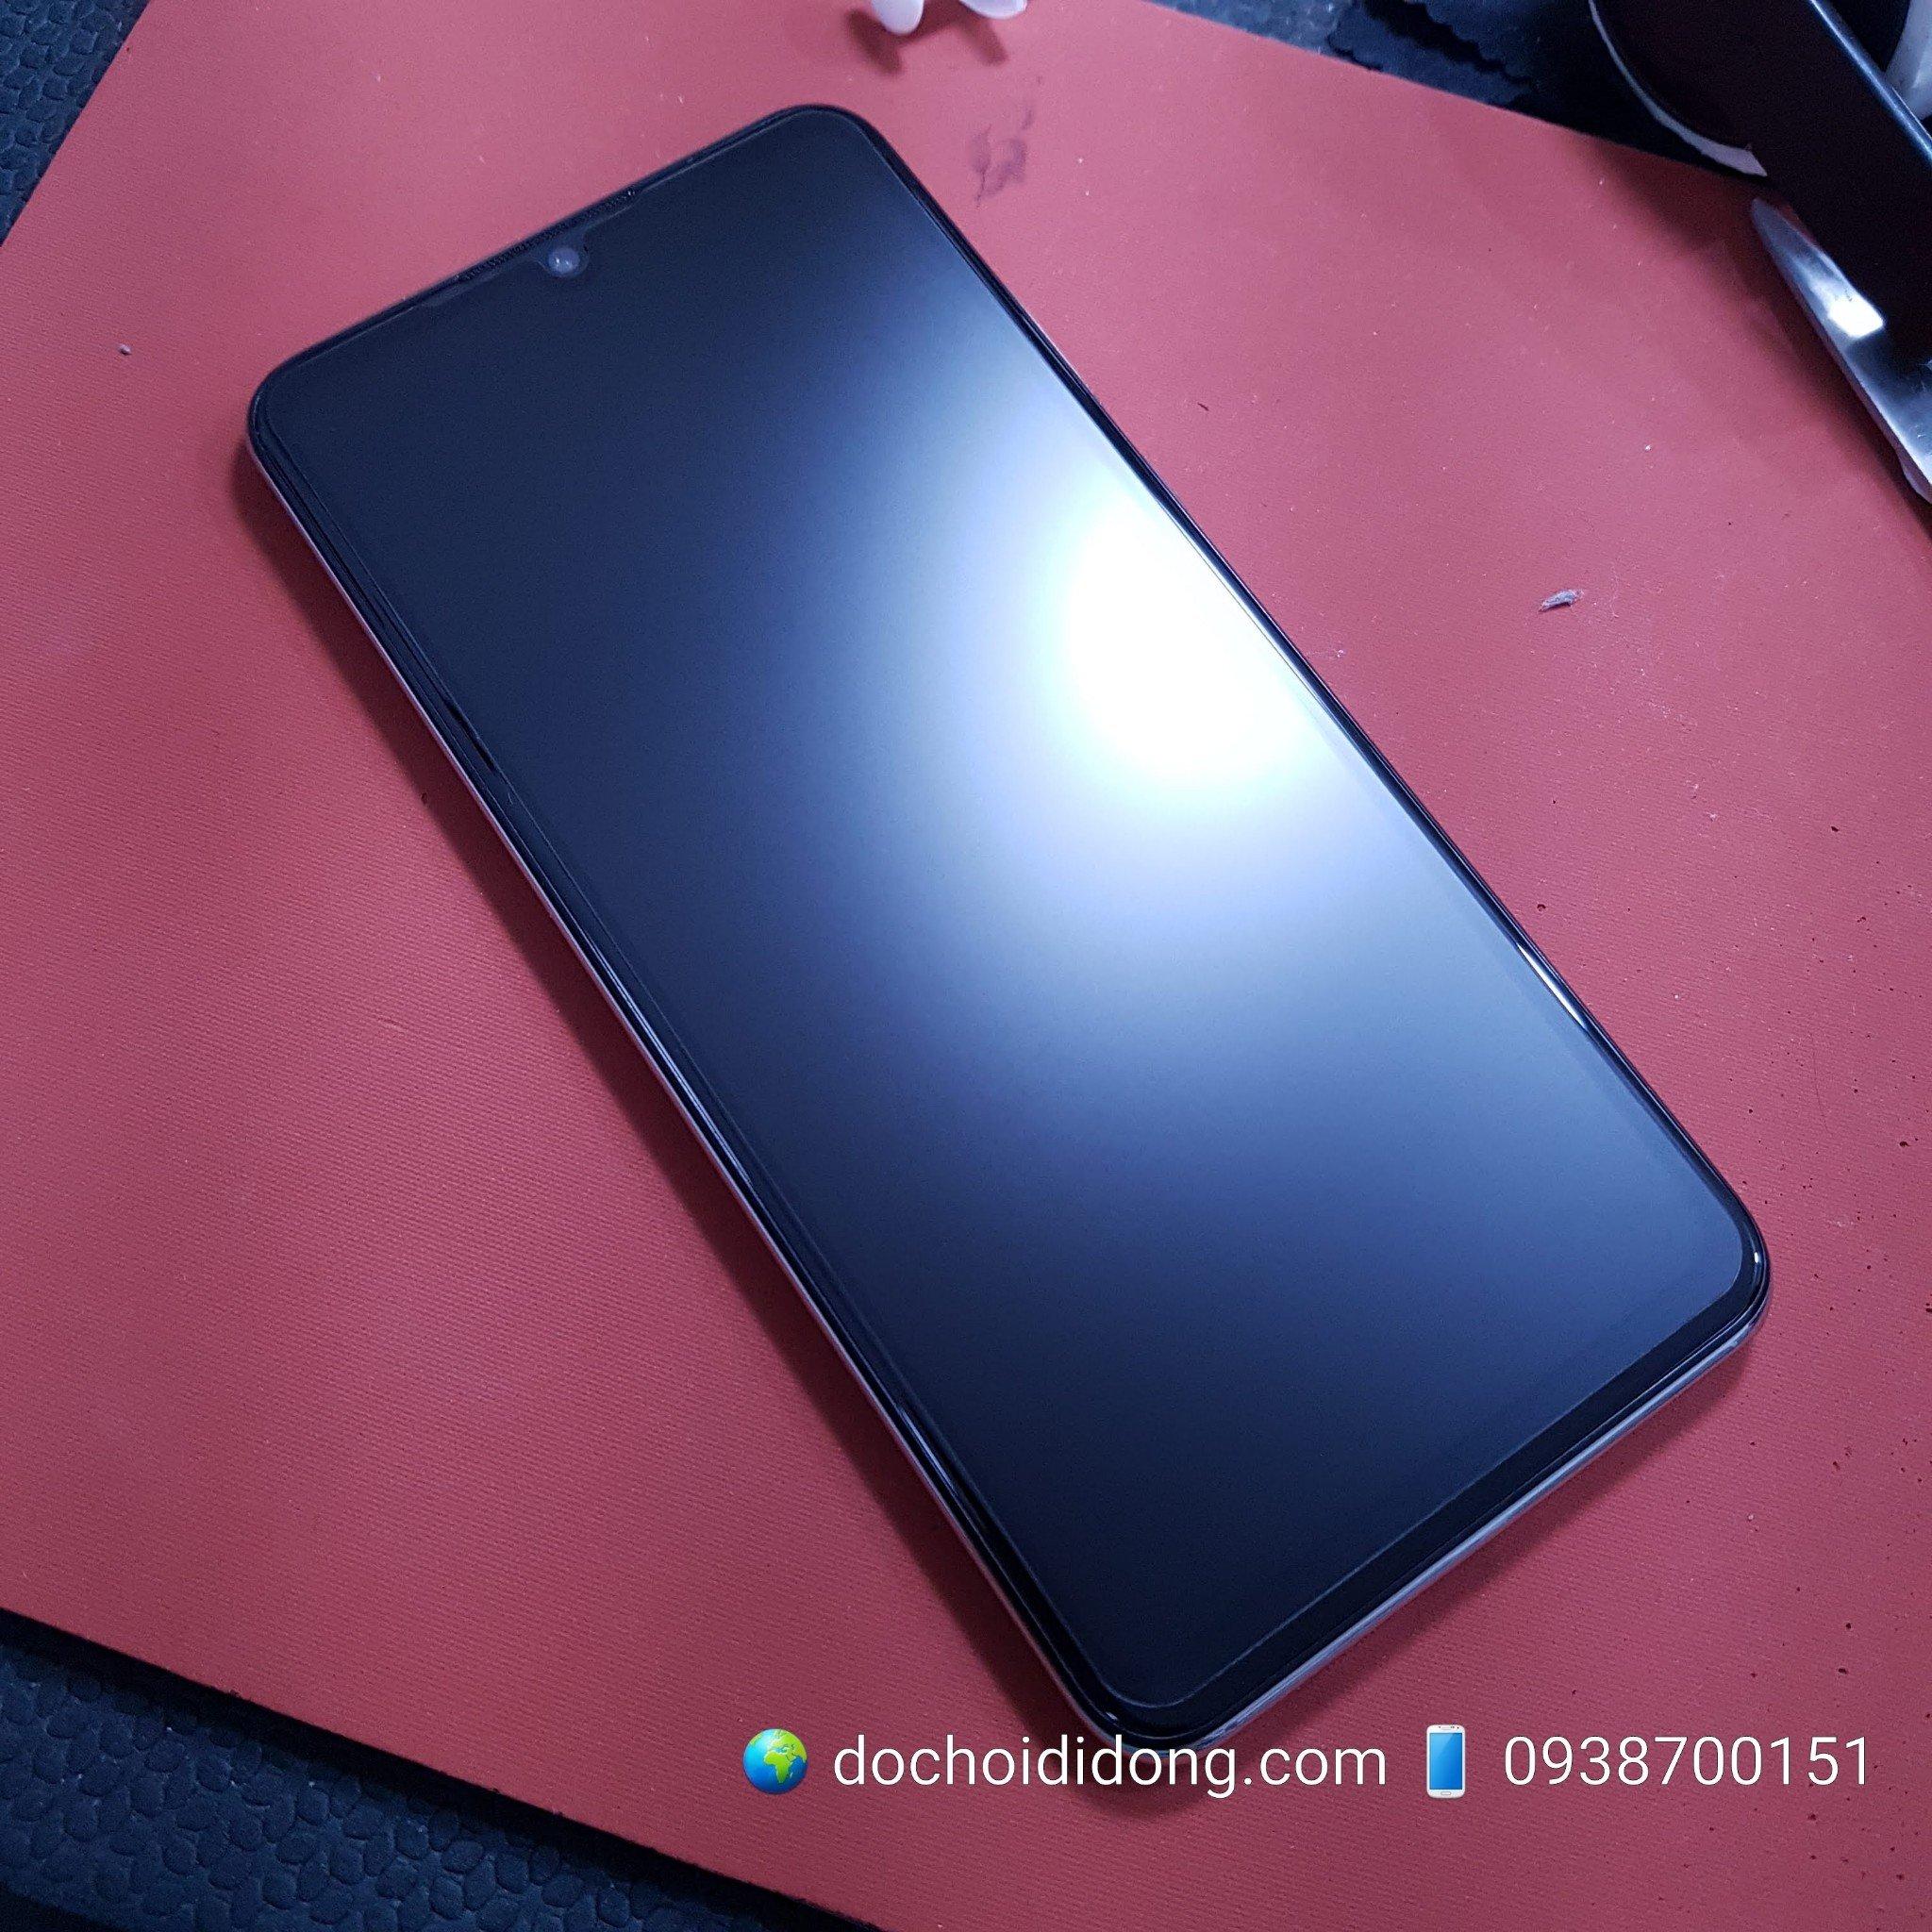 Miếng dán cường lực nhám Huawei P30 Zacase full màn hình chống vân tay